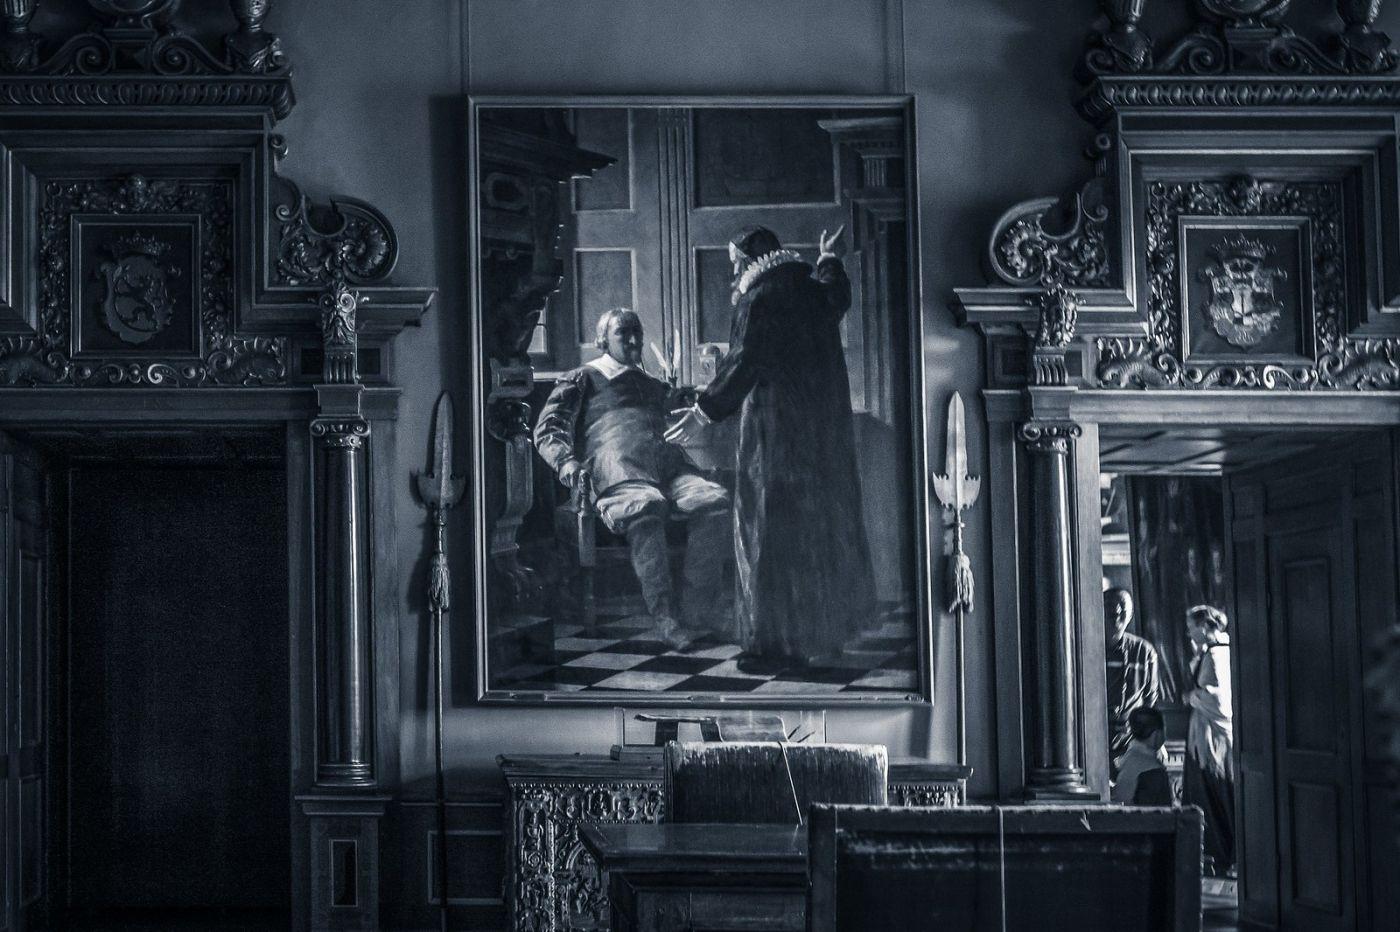 丹麦腓特烈堡城堡,回看历史_图1-10